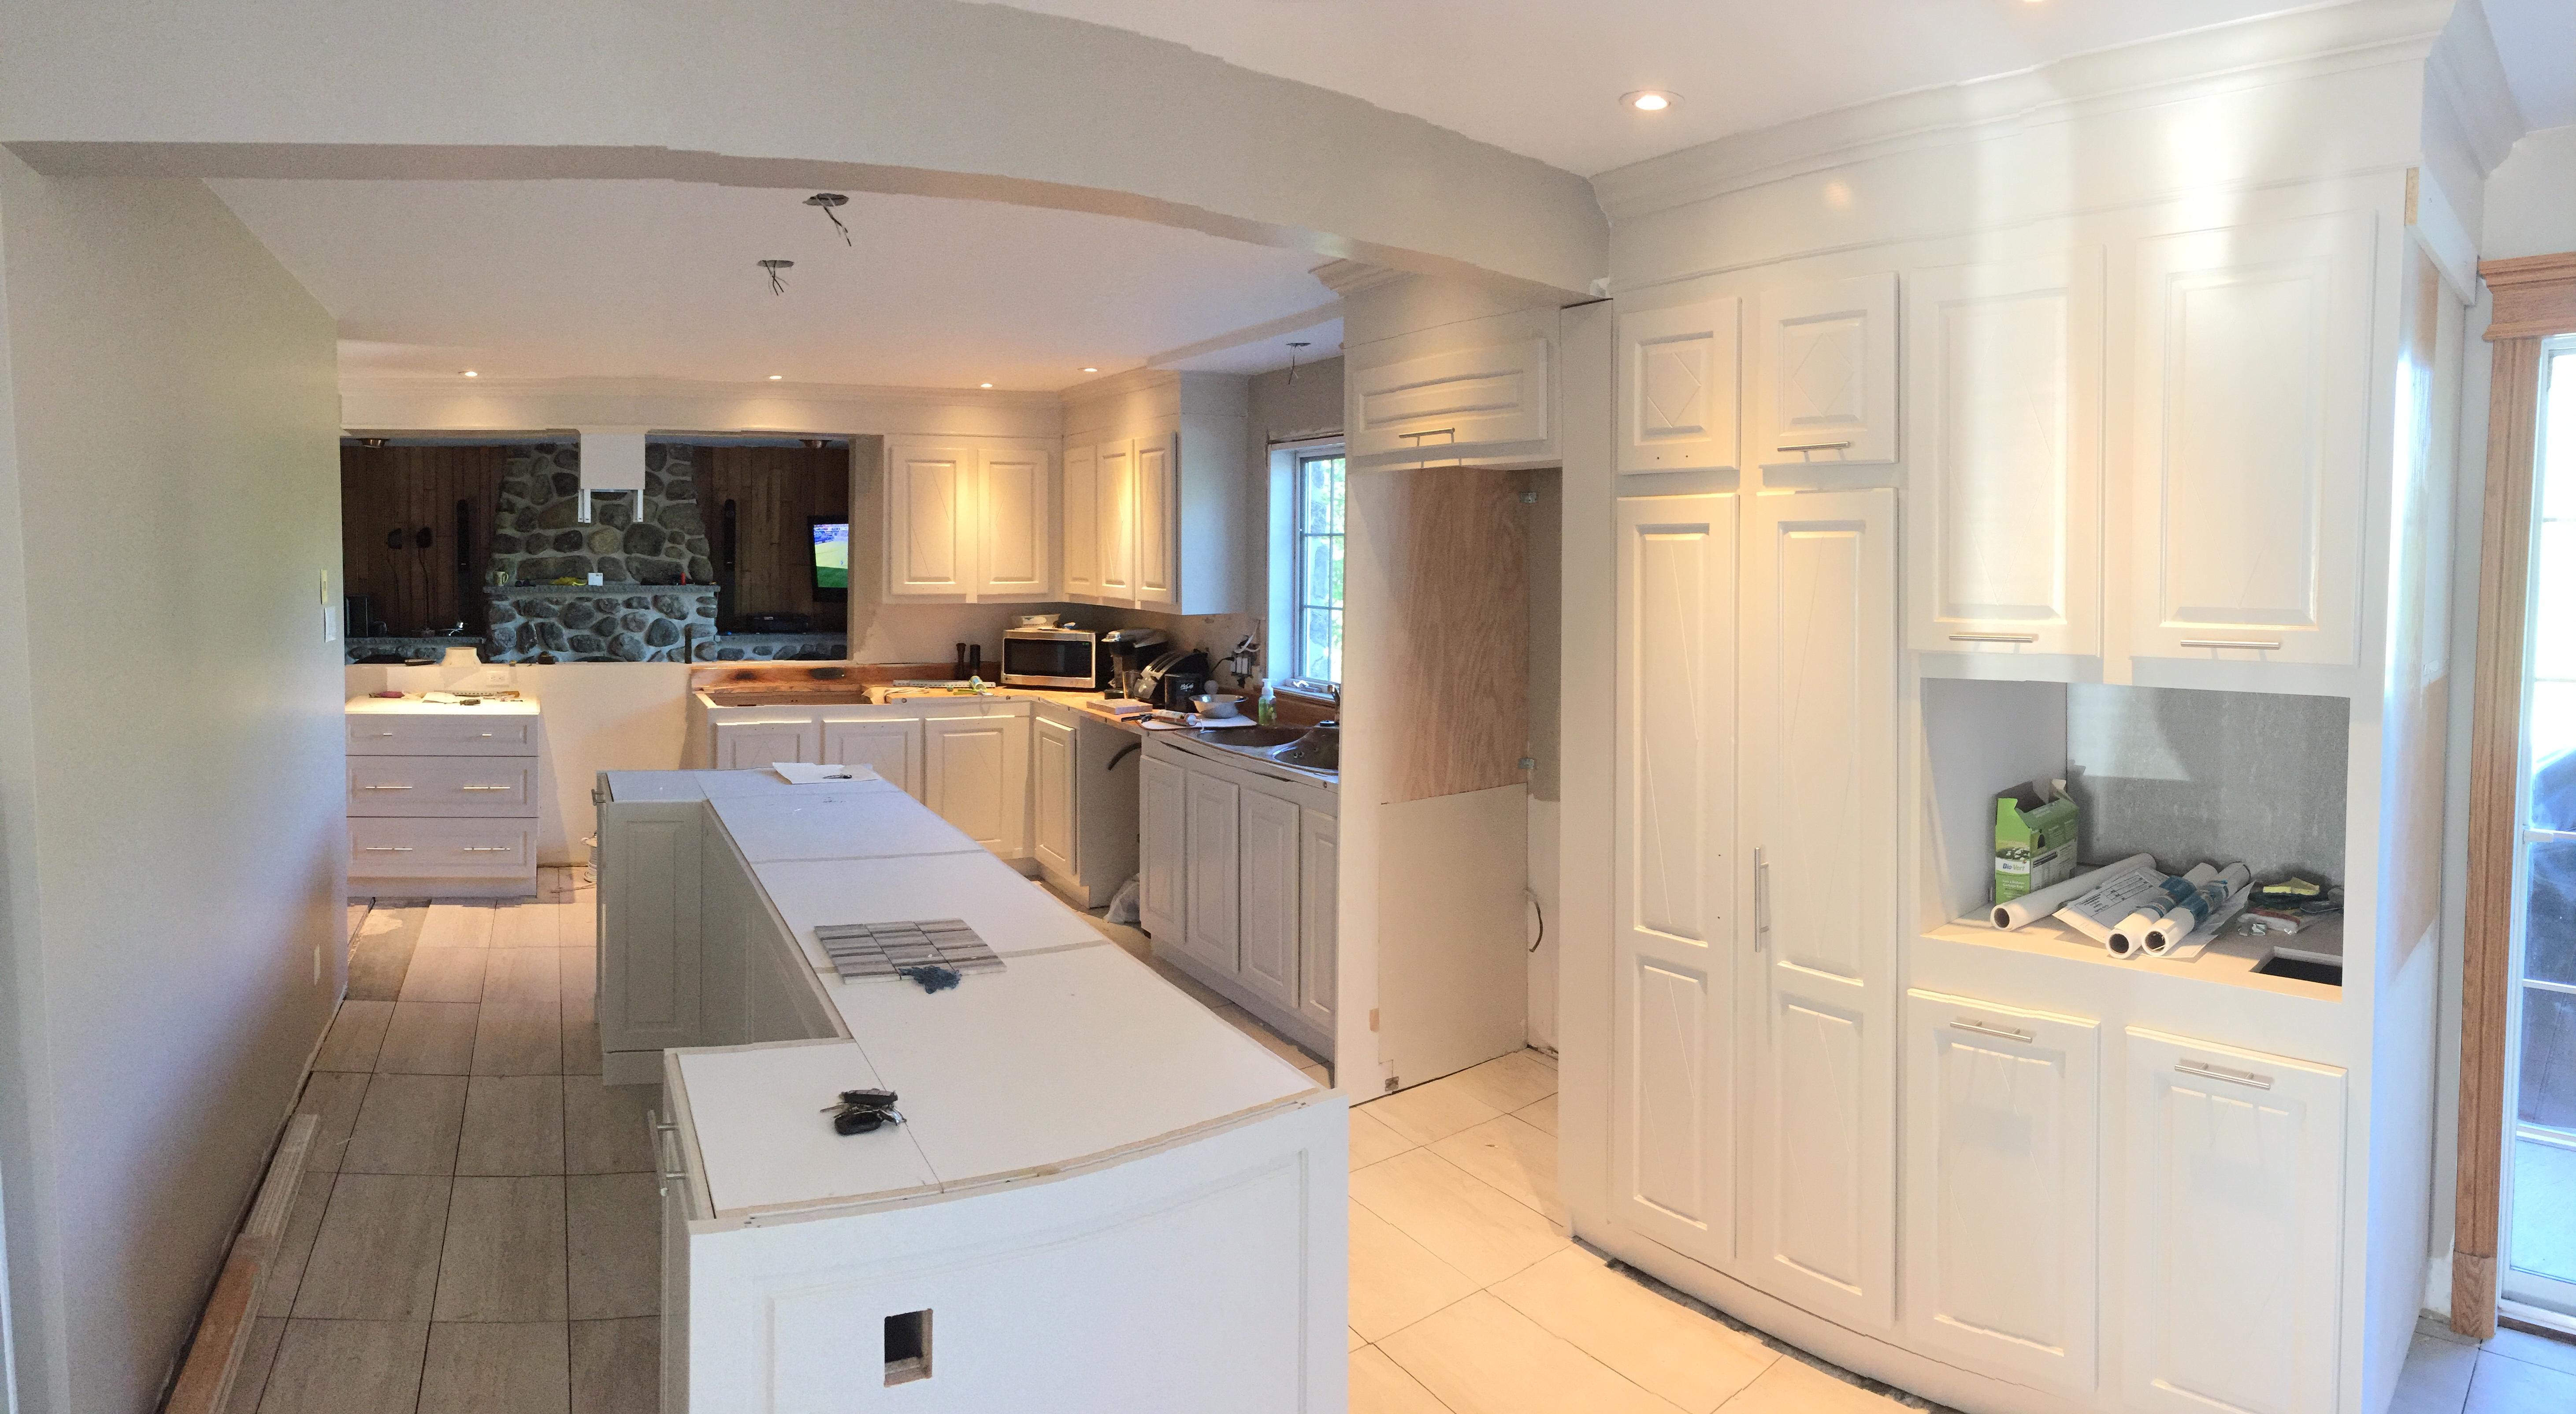 Fabriquer Des Portes D Armoires De Cuisine modification et ajout d'armoires de cuisine - rénover sa cuisine